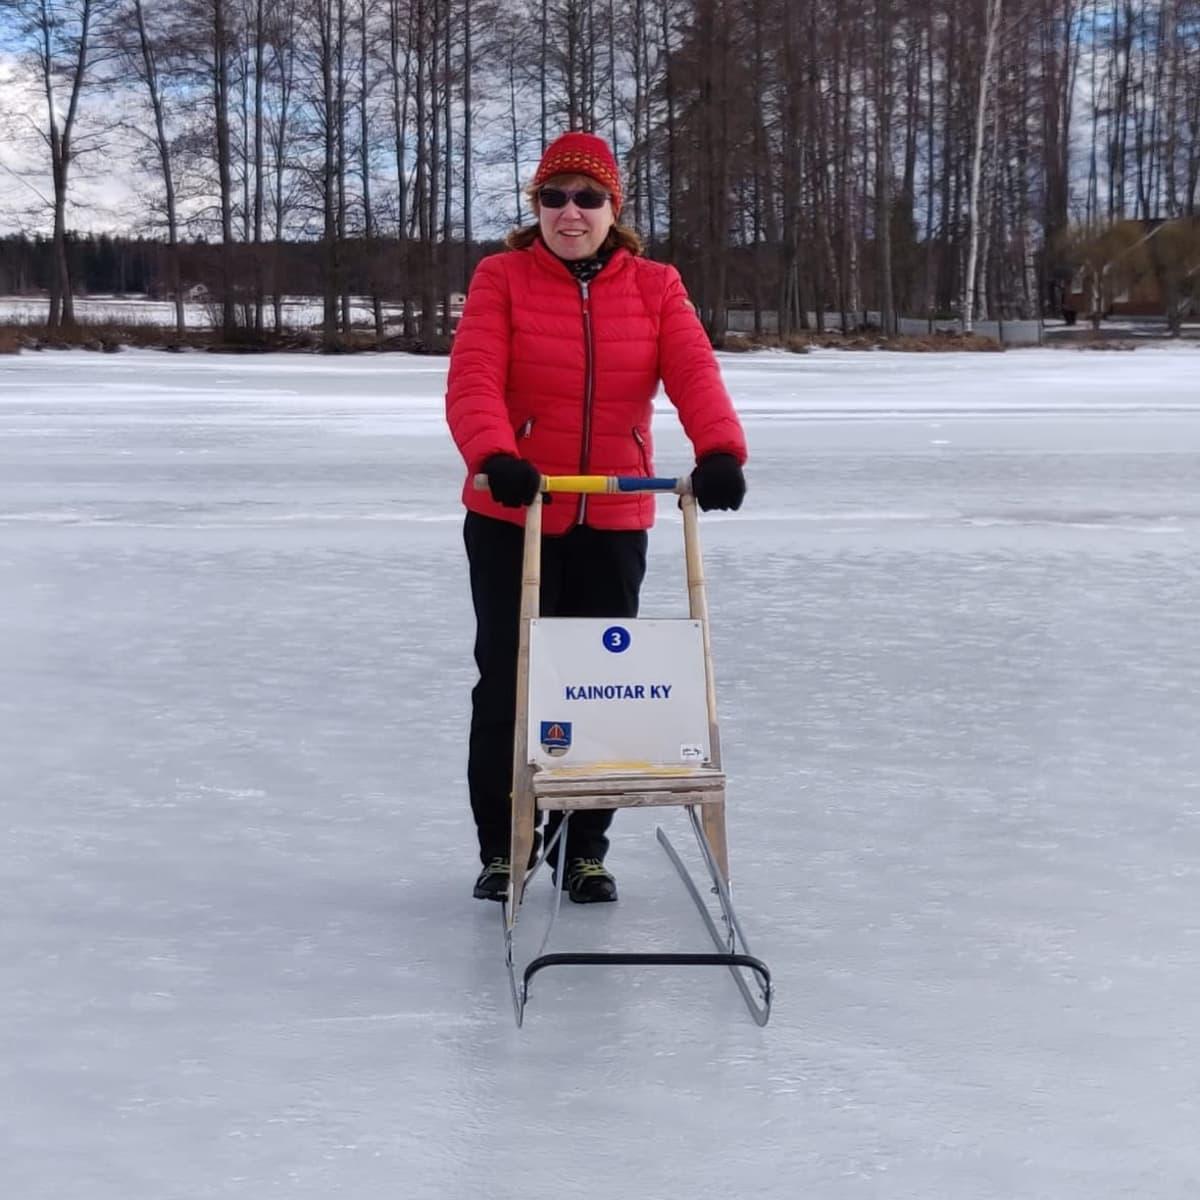 Pyhäjärvi-instituutin toiminnanjohtaja Teija Kirkkala potkukelkkailemassa Köyliönjärven jäällä.